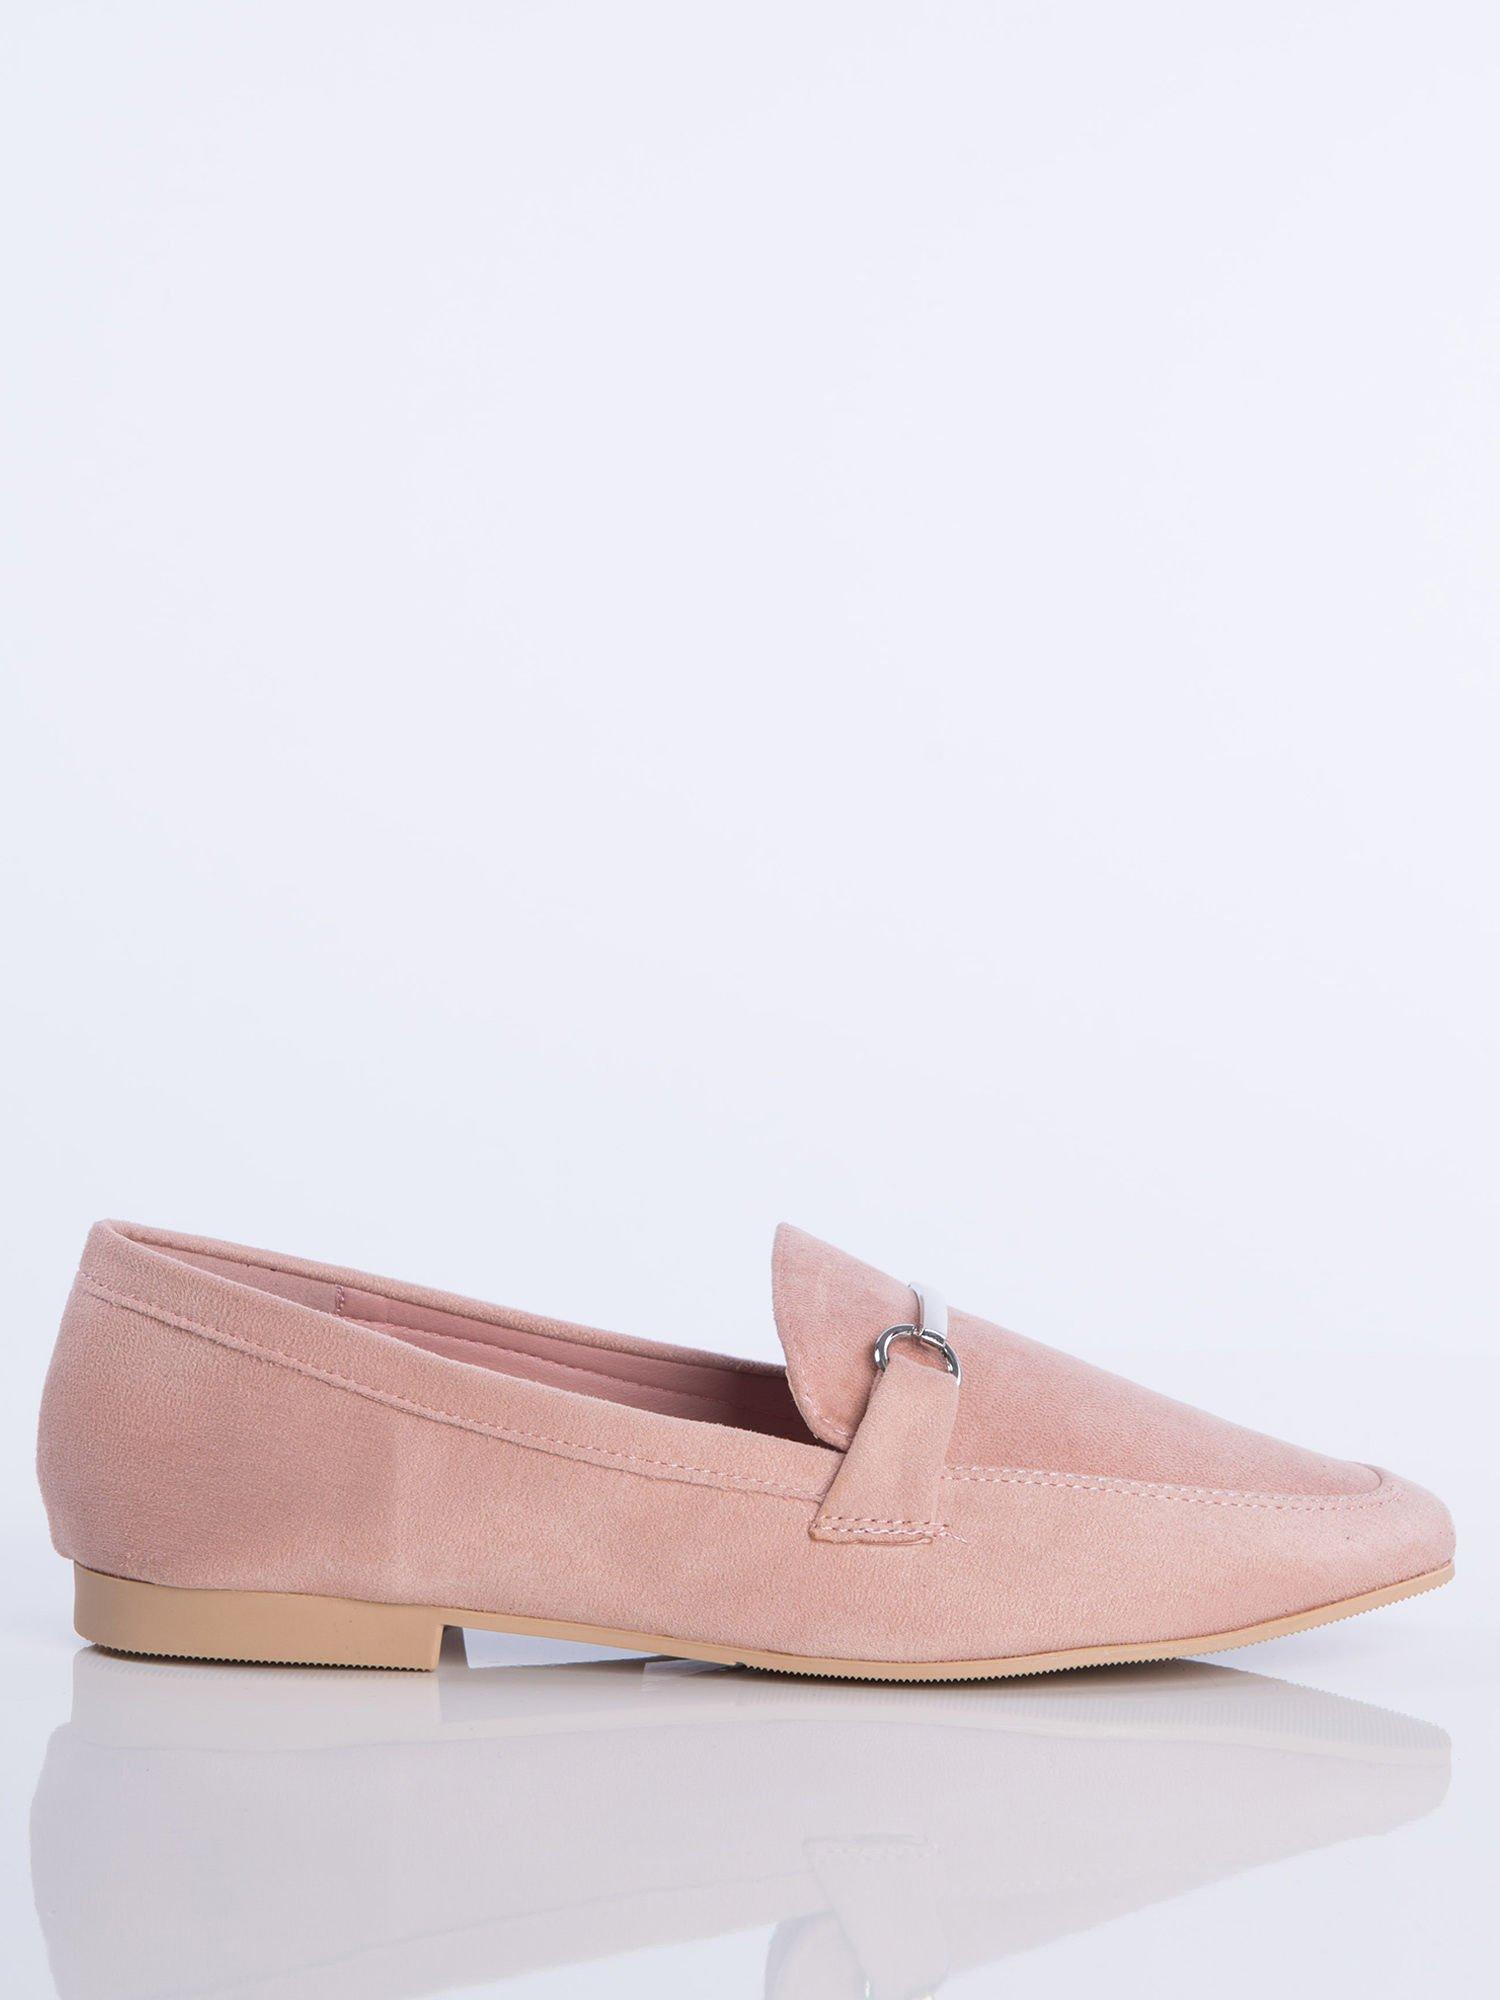 e5f05c0e247de Różowe zamszowe mokasyny z ozdobną klamerką i paskiem na przodzie buta ...